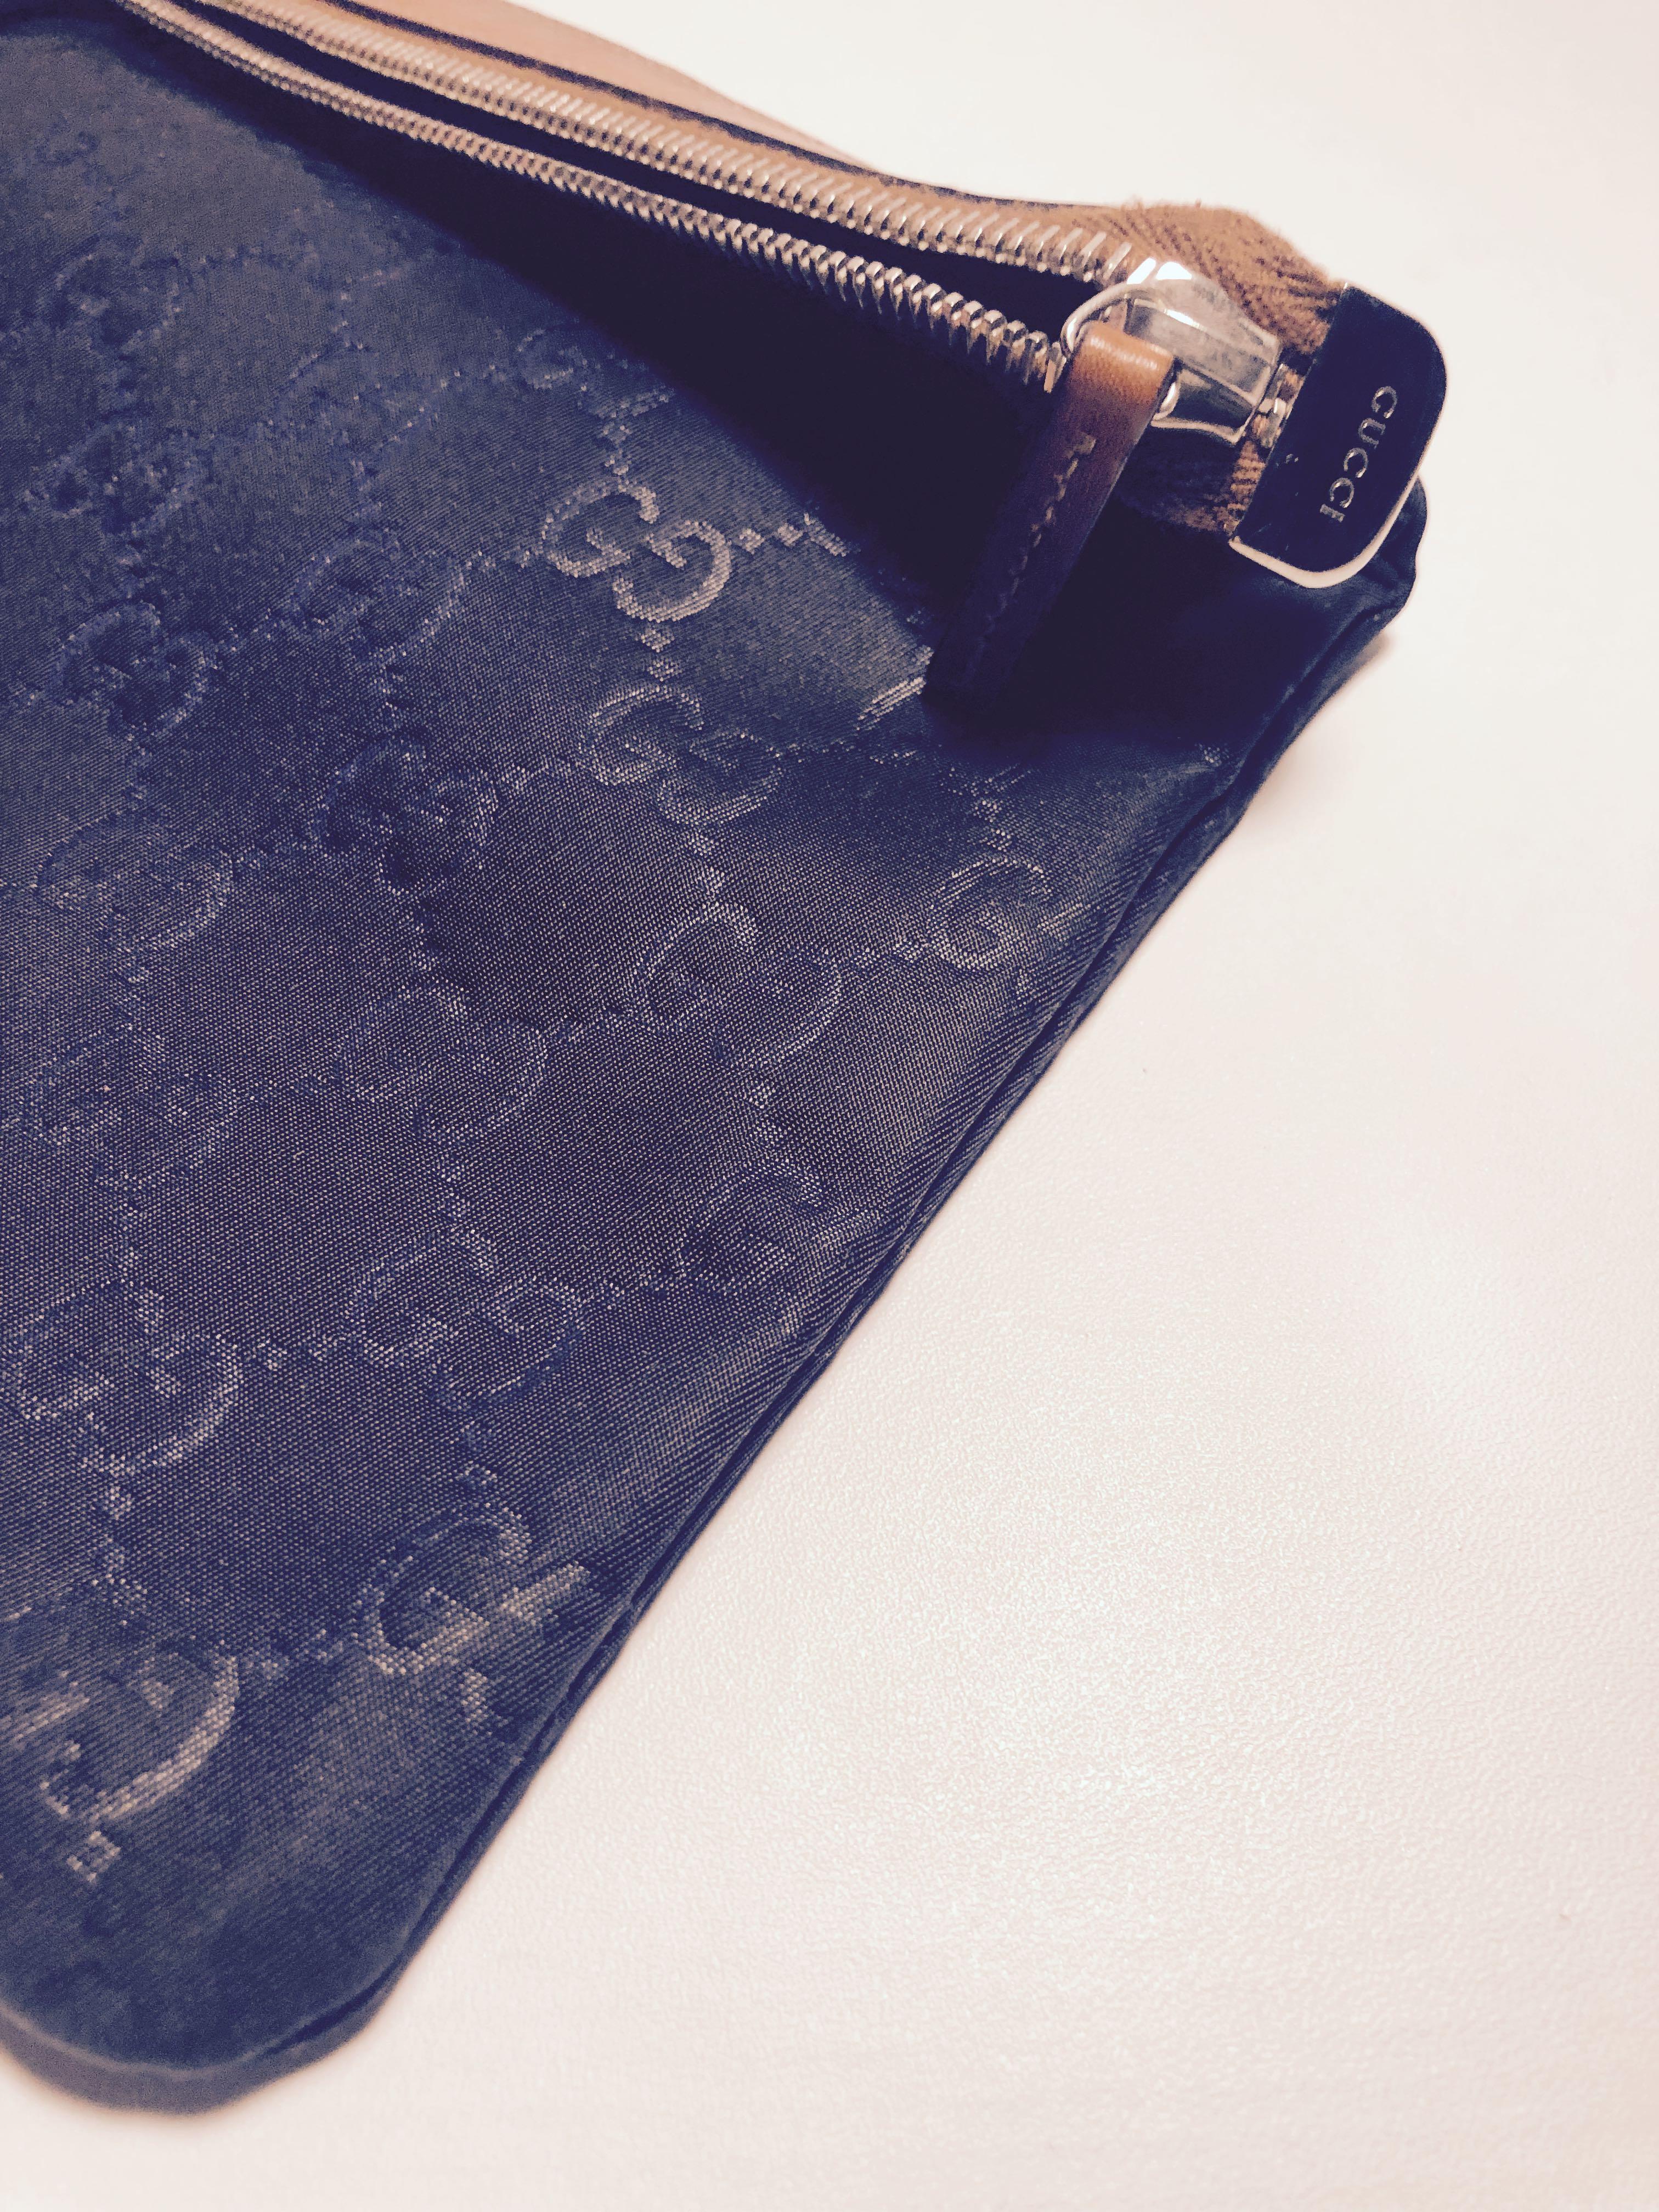 Gucci Guccisima Nylon Clutch/Pouch